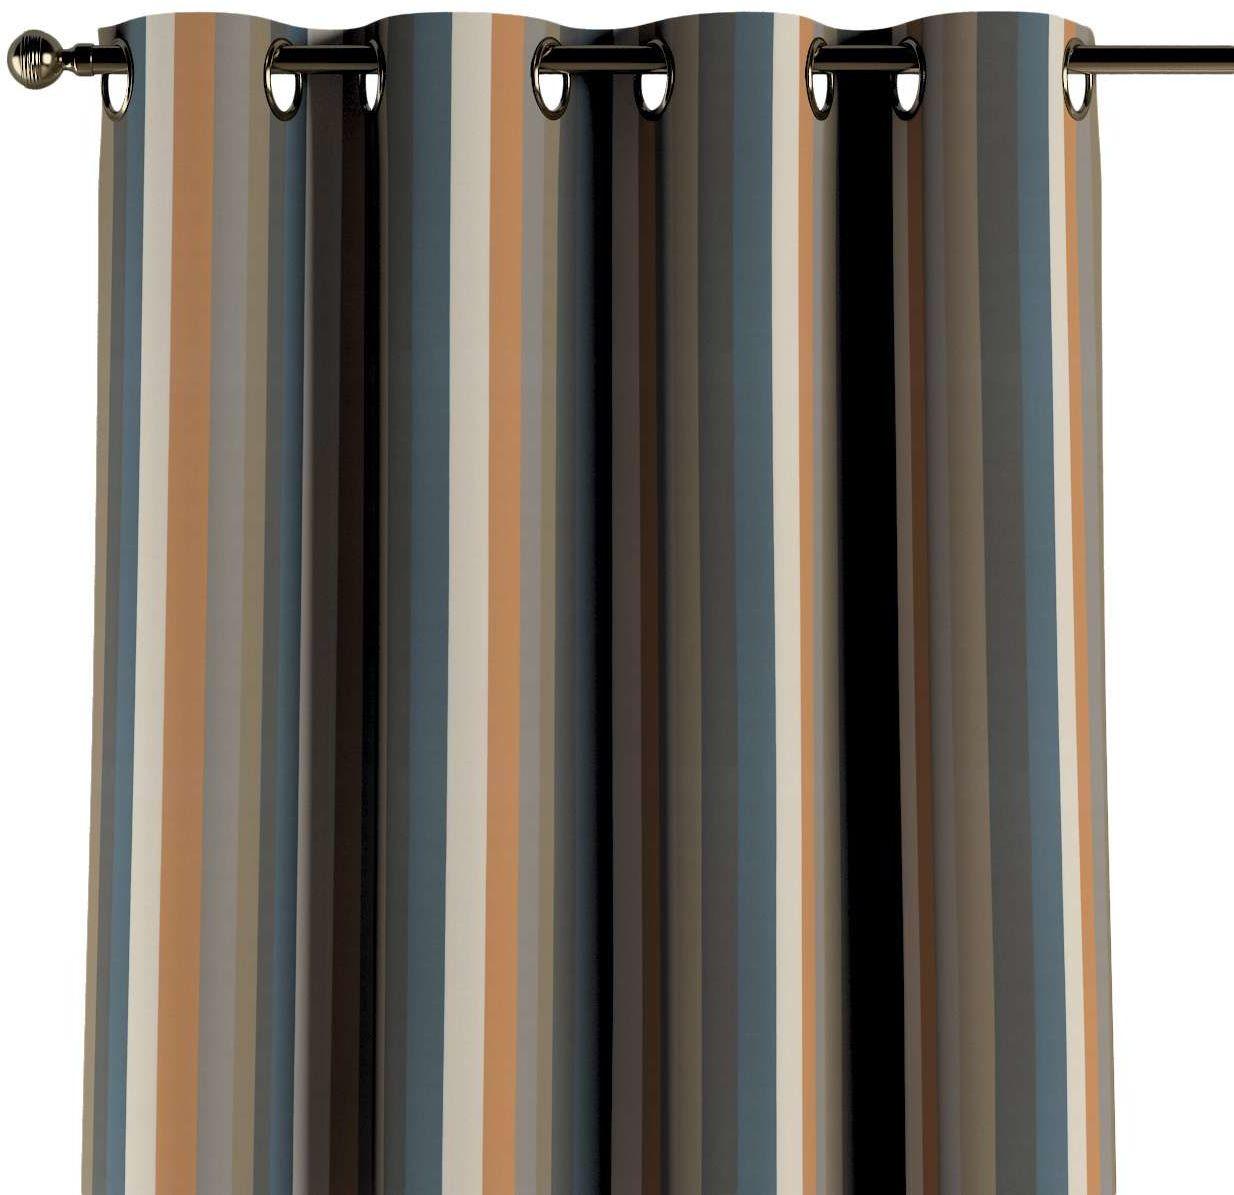 Zasłona na kółkach 1 szt., kolorowe pasy w rudo-brązowo-niebieskiej kolorystyce, 1szt 130  260 cm, Vintage 70''s